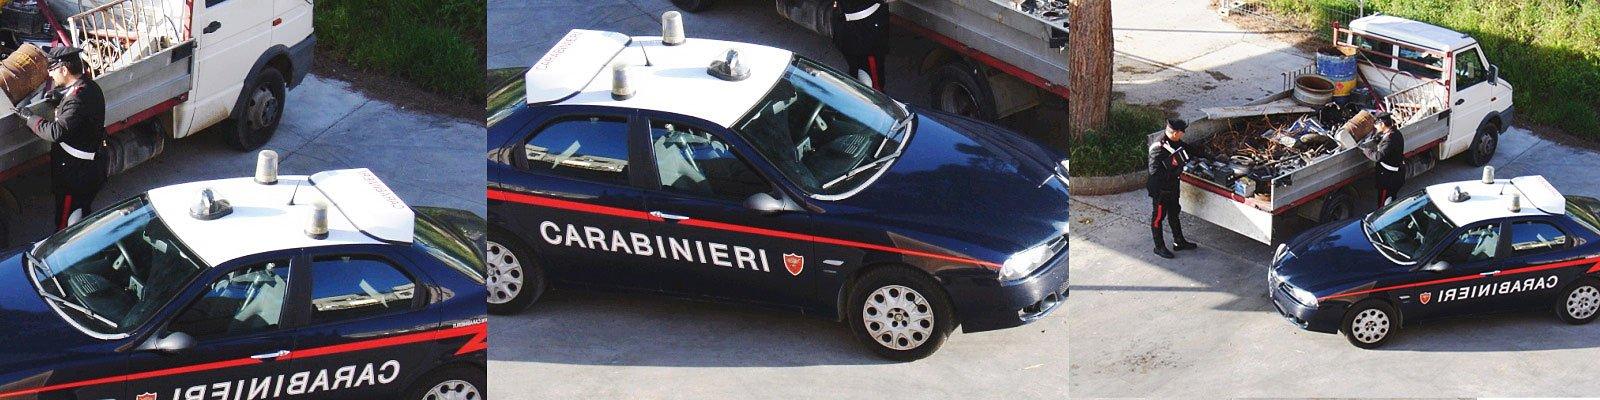 carabinieri camion zingari